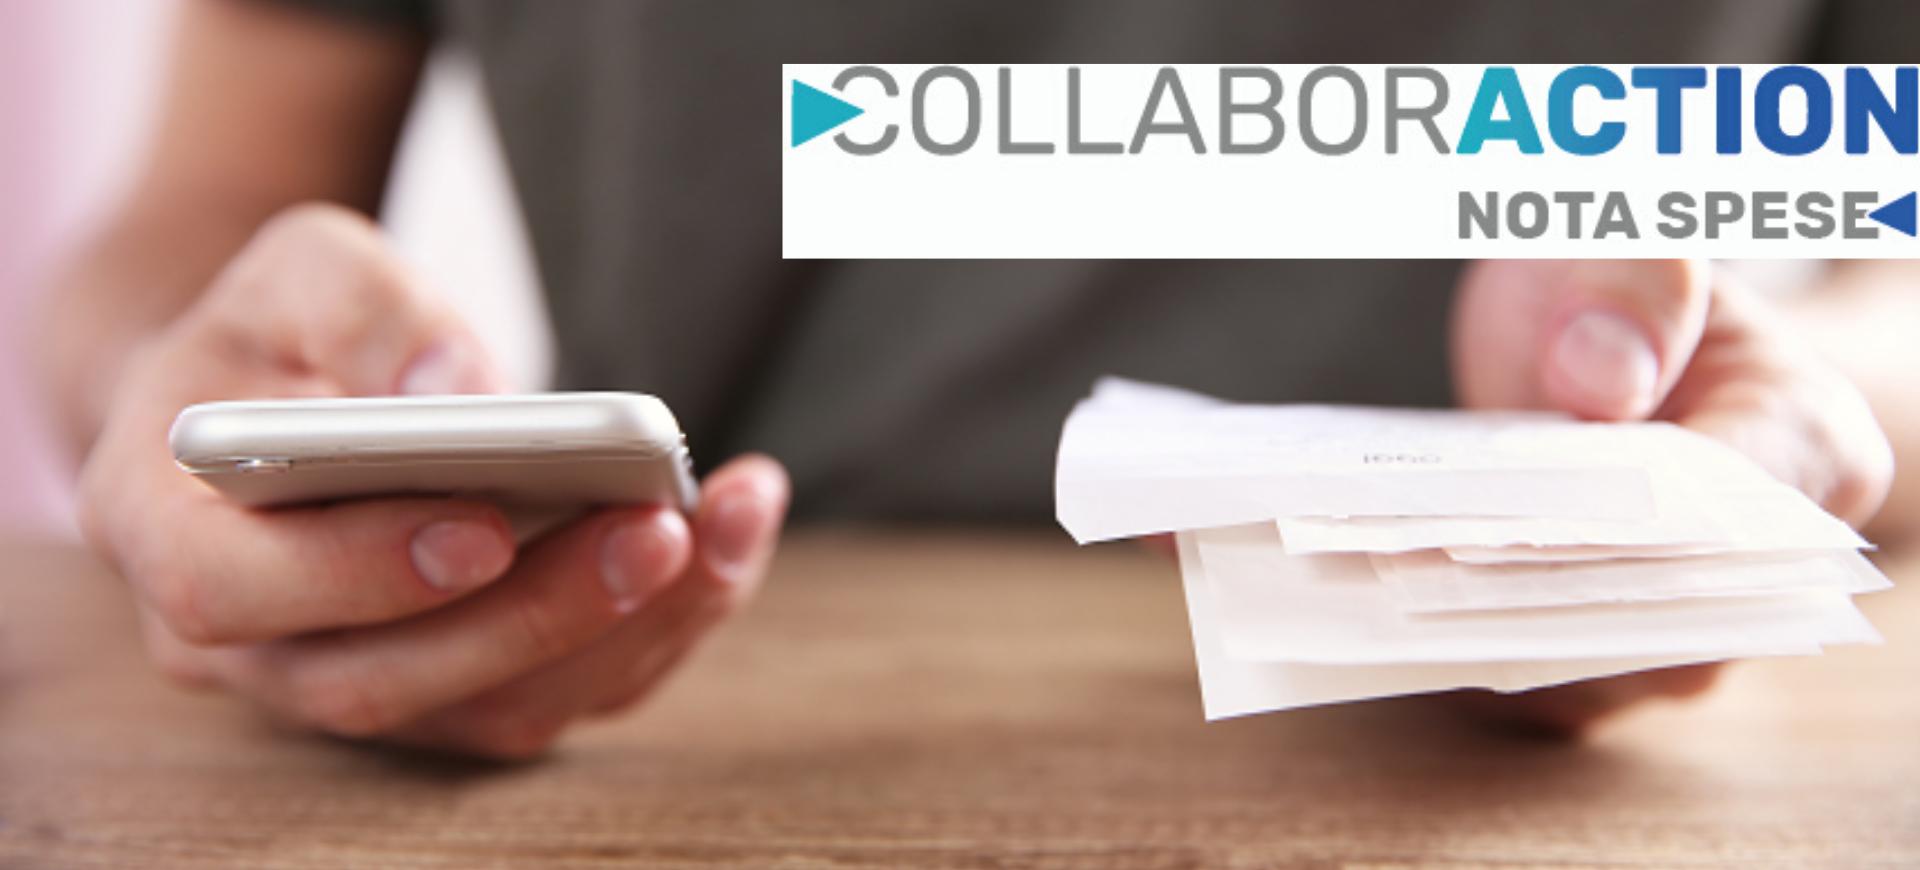 Webinar gratuito 20.03.2020 | Nota Spese in mobilità: veloce sicura e a norma. Basta un'App: CollaborAction Nota Spese di SB Italia